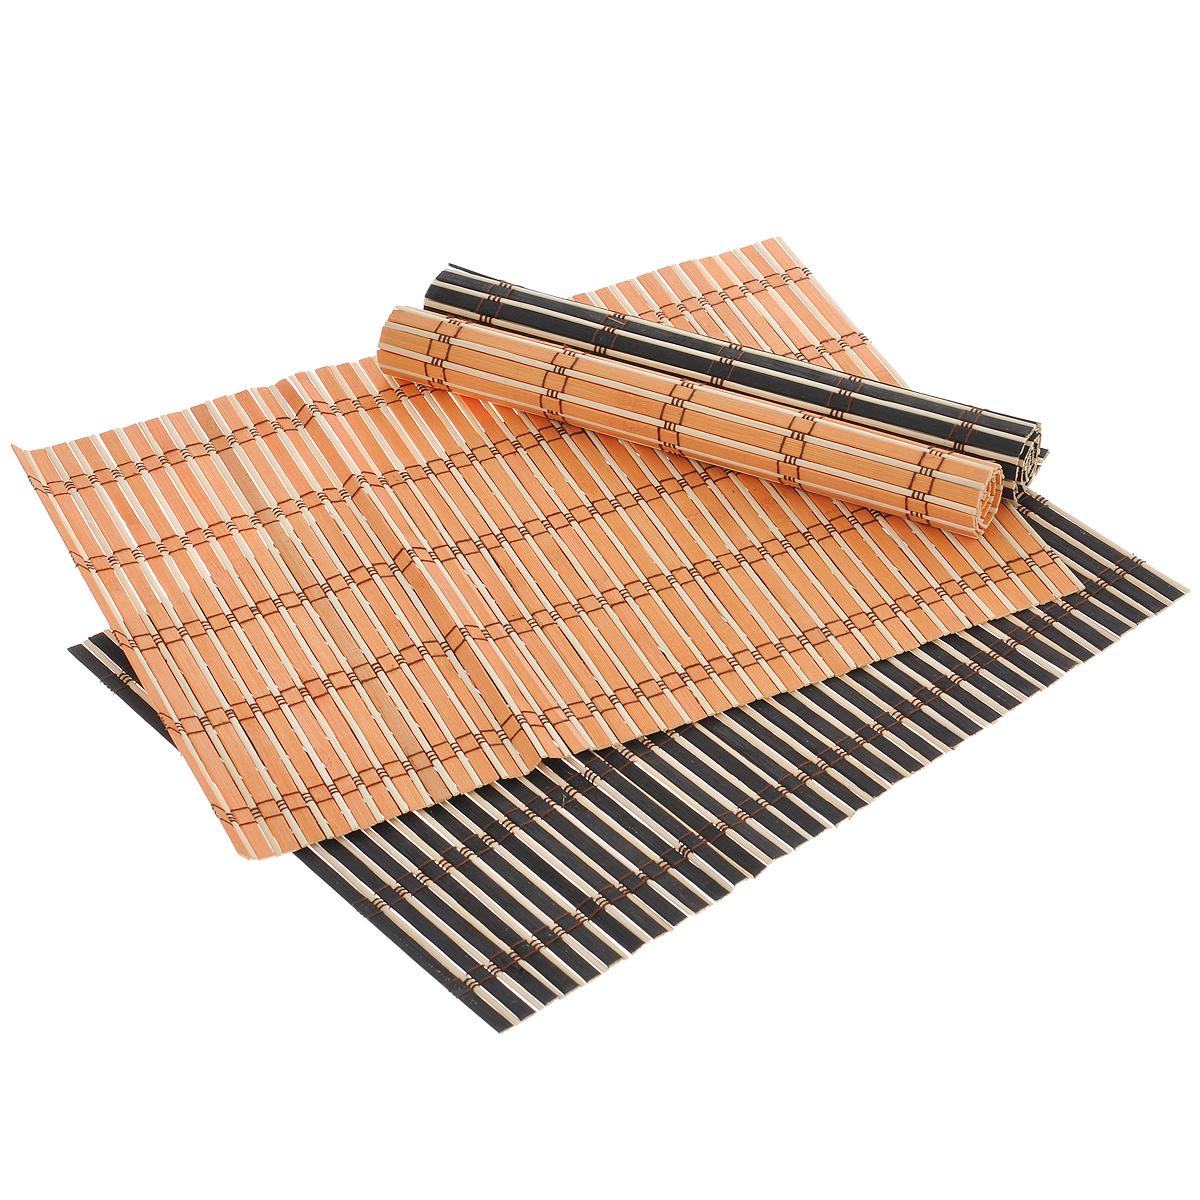 Набор подставок под горячее Dommix, цвет: черный, оранжевый, 30 см х 42 см, 4 шт - DOMMIX - DOMMIXOW046Набор Dommix, состоящий из 4 бамбуковых подставок под горячее, идеально впишется в интерьер современной кухни. Подставки из бамбука не впитывают запахи, легко моются, не деформируются при длительном использовании. Бамбук обладает антибактериальными и водоотталкивающими свойствами. Также имеют высокую прочность. Каждая хозяйка знает, что подставка под горячее - это незаменимый и очень полезный аксессуар на каждой кухне. Ваш стол будет не только украшен оригинальной подставкой, но и сбережен от воздействия высоких температур ваших кулинарных шедевров. Размер подставки: 30 см х 42 см.